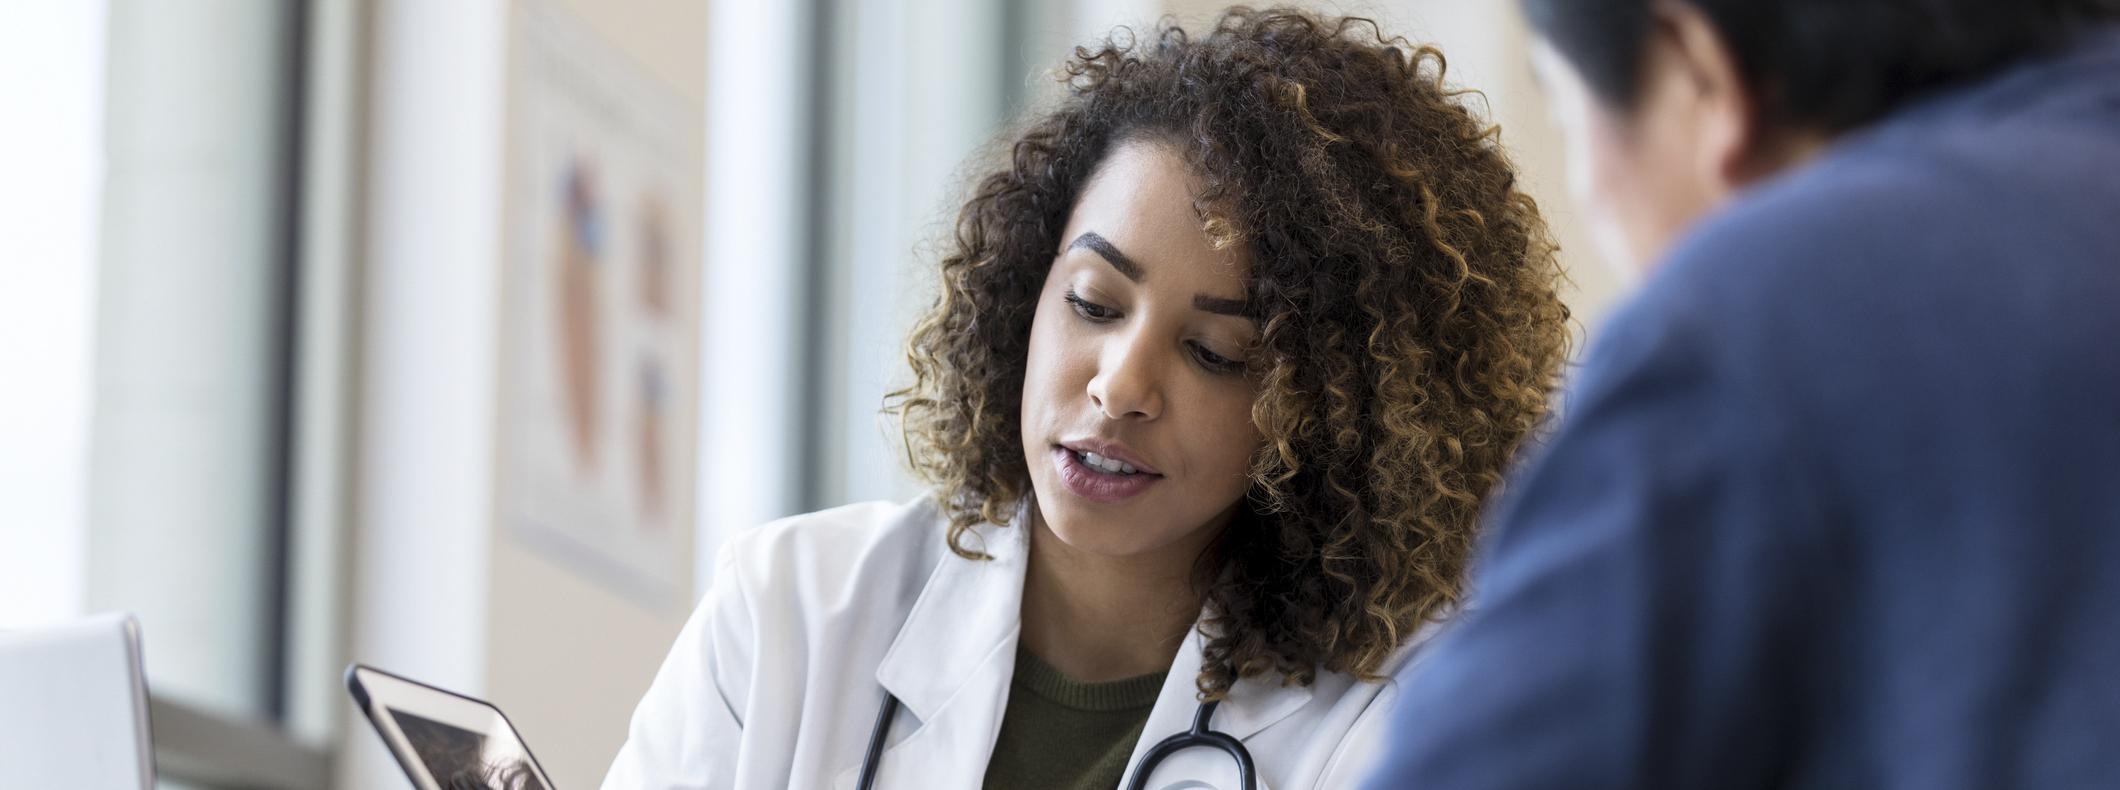 medPortal: Fachartikel zur Behandlung von LCL-Cholesterin